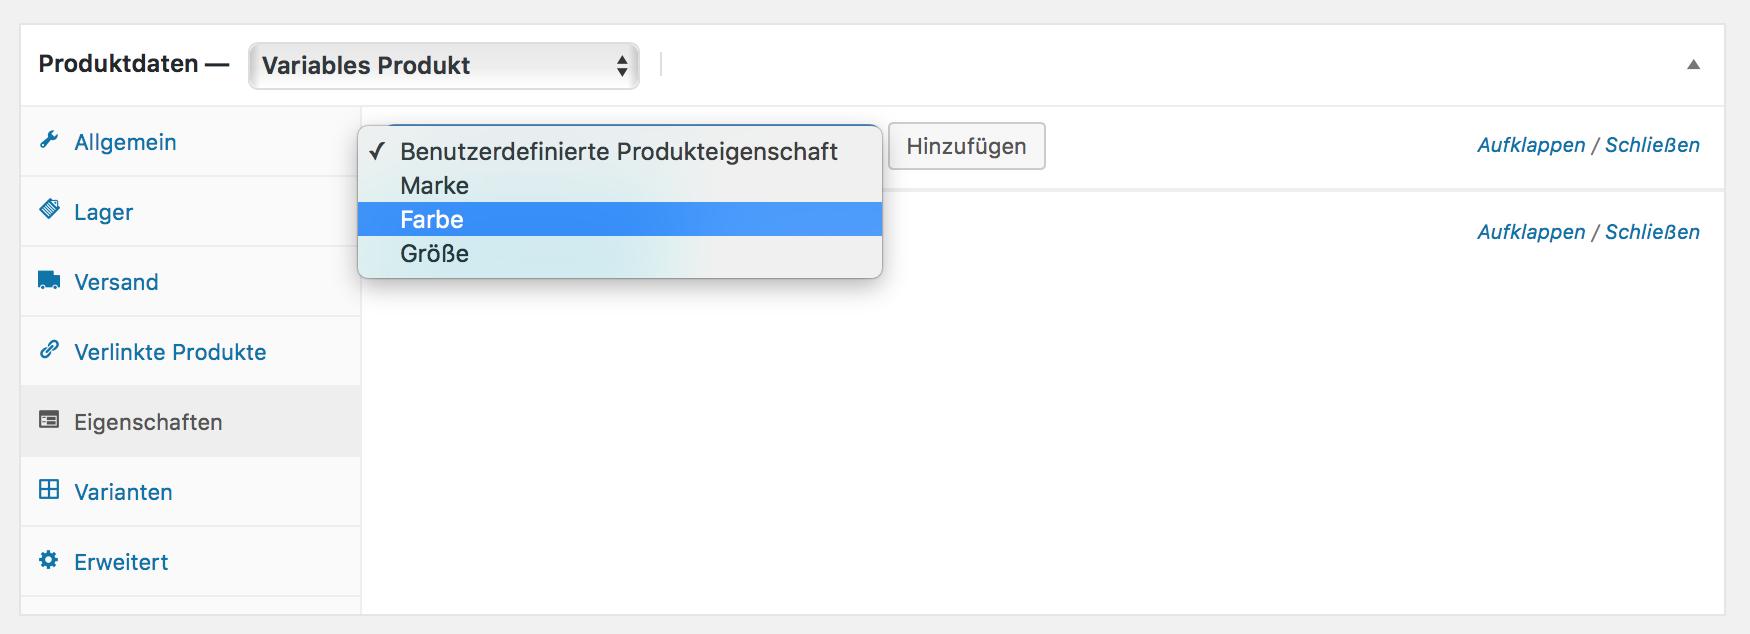 Benutzdefinierte Produkteigenschaften den Produkten hinzufügen